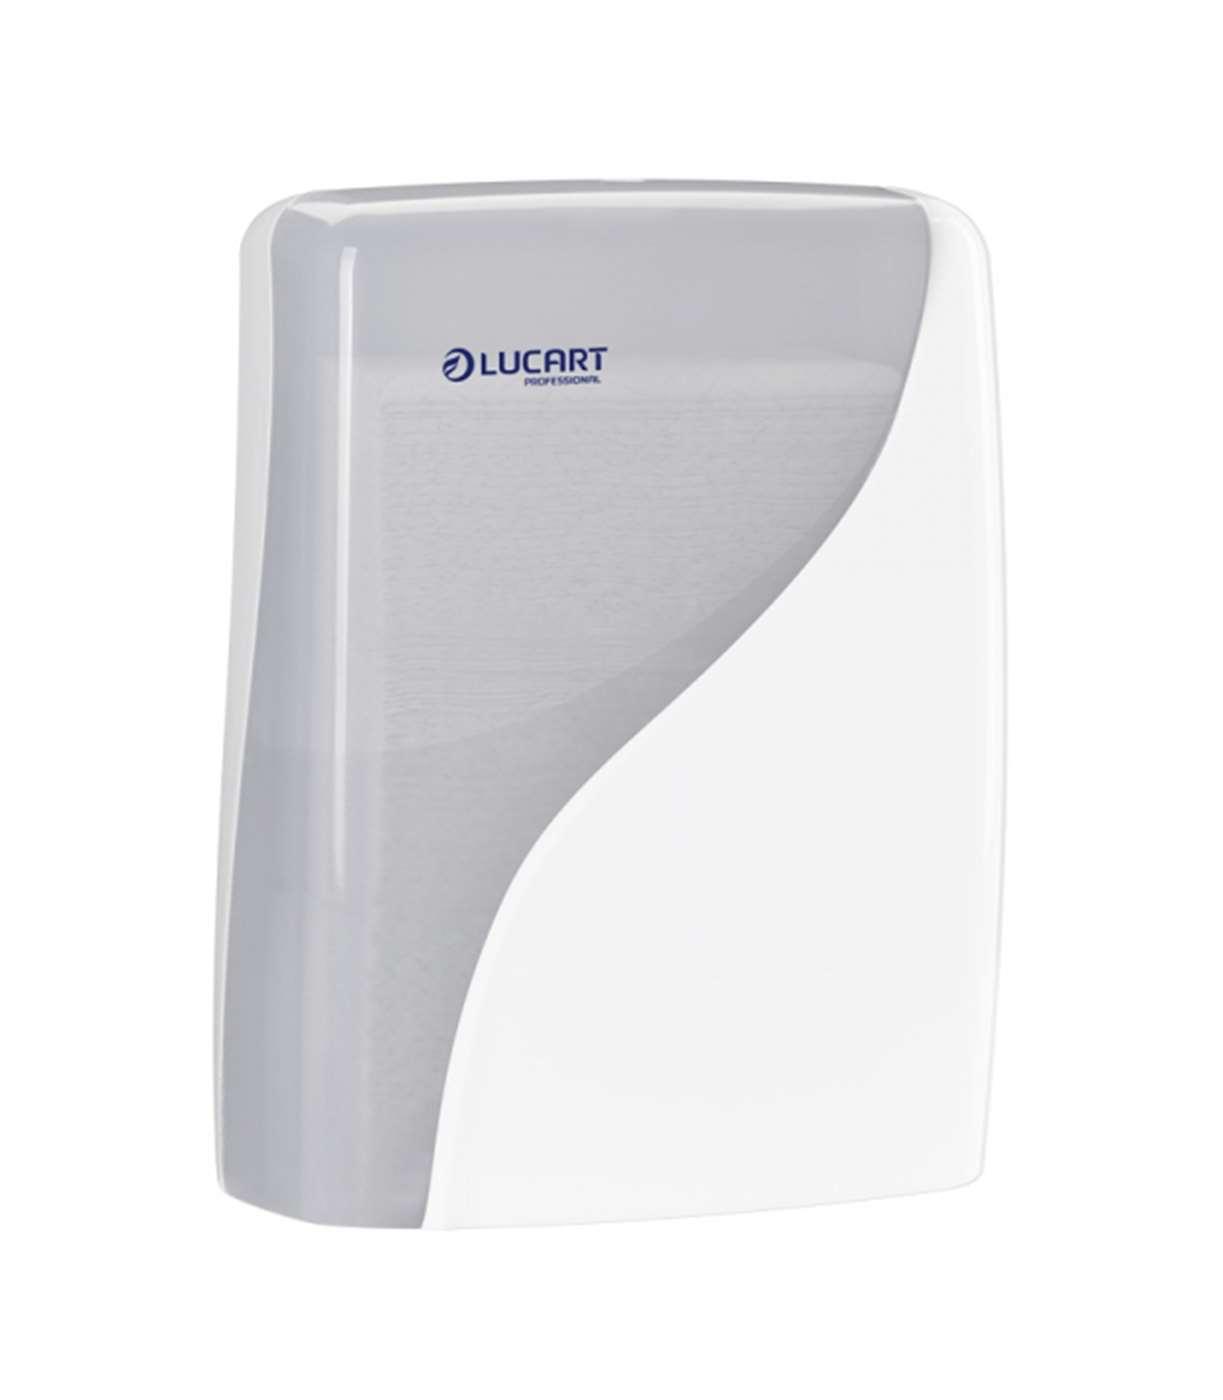 Lucart IDENTITY Hand Towel Dispenser